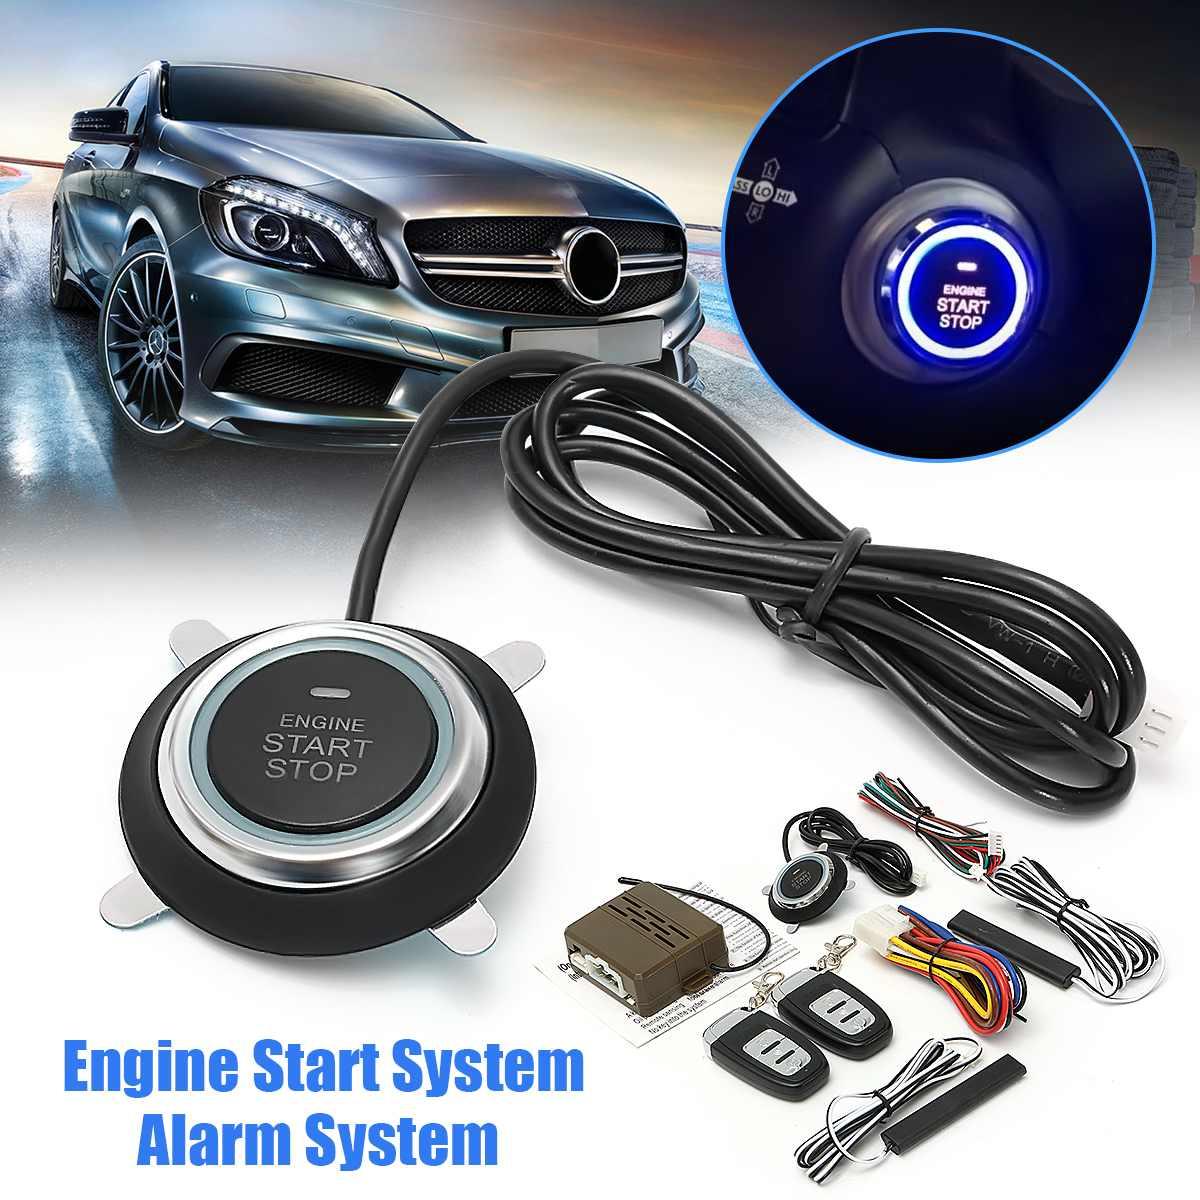 Audew 9 шт. автомобиля двигатели для Start Stop внедорожник Автозапуск двигатель Автосигнализация системы кнопочный дистанционный стартер стоп ав...